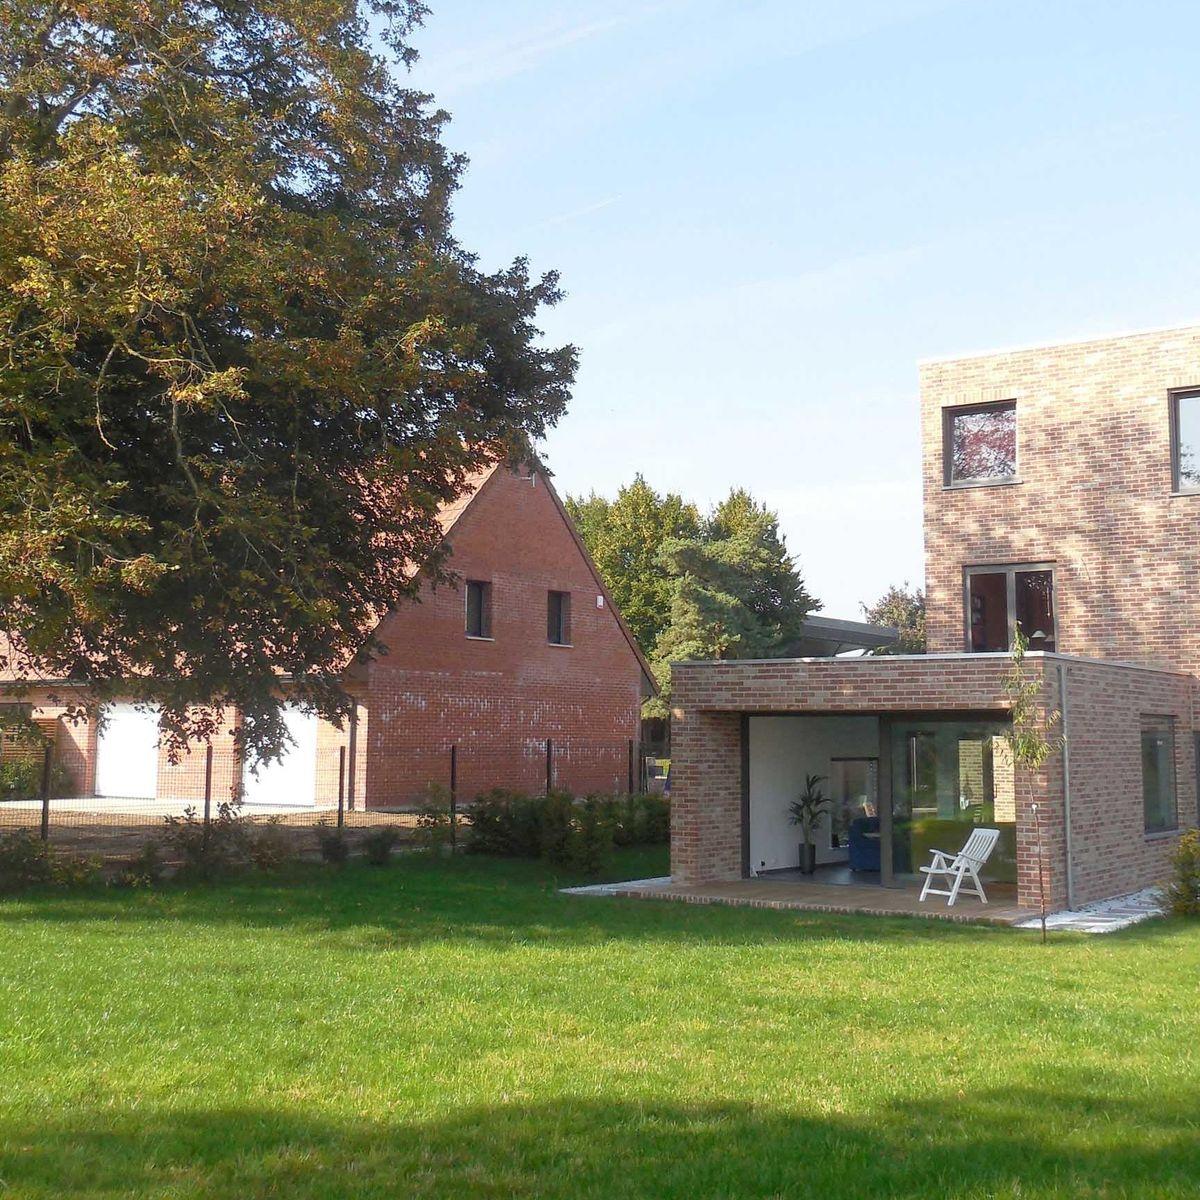 Deconfinement Le Monde D Apres Passera Aussi Par L Habitat Selon Un Architecte